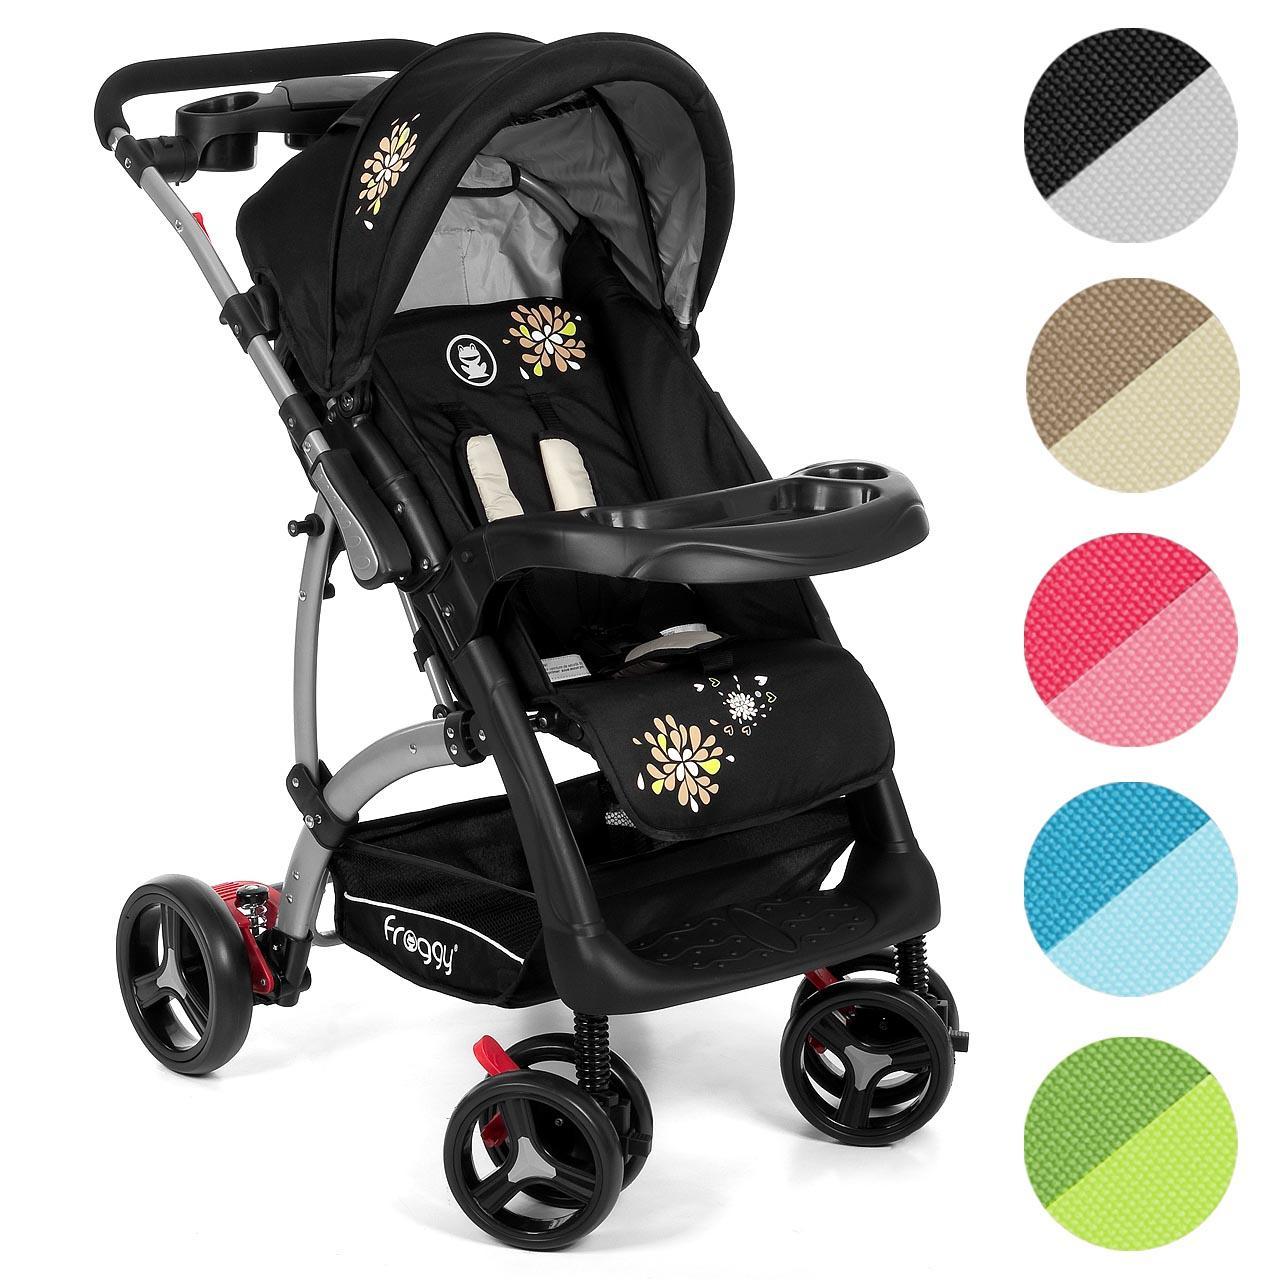 kombikinderwagen 3in1 kombi set kinderwagen inkl babyschale buggy kinderwagenset ebay. Black Bedroom Furniture Sets. Home Design Ideas